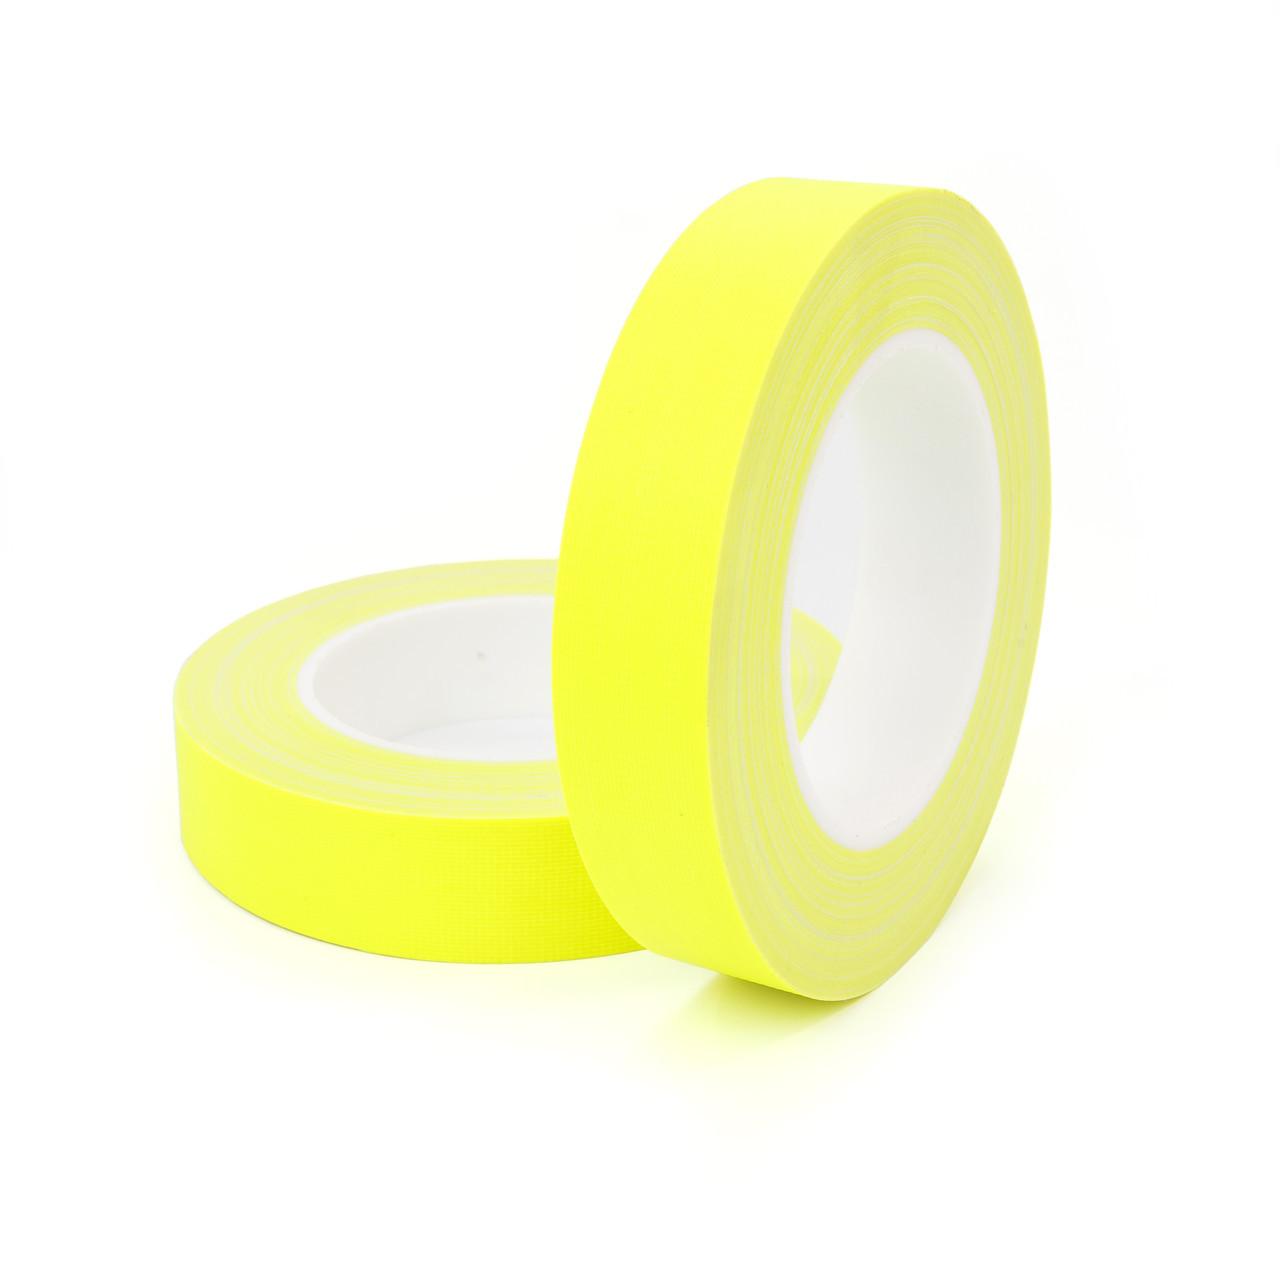 HPX FLUO TAPE - матовый высококонтрастный флюорисцентный тейп для театра, кино и телестудий - желтый